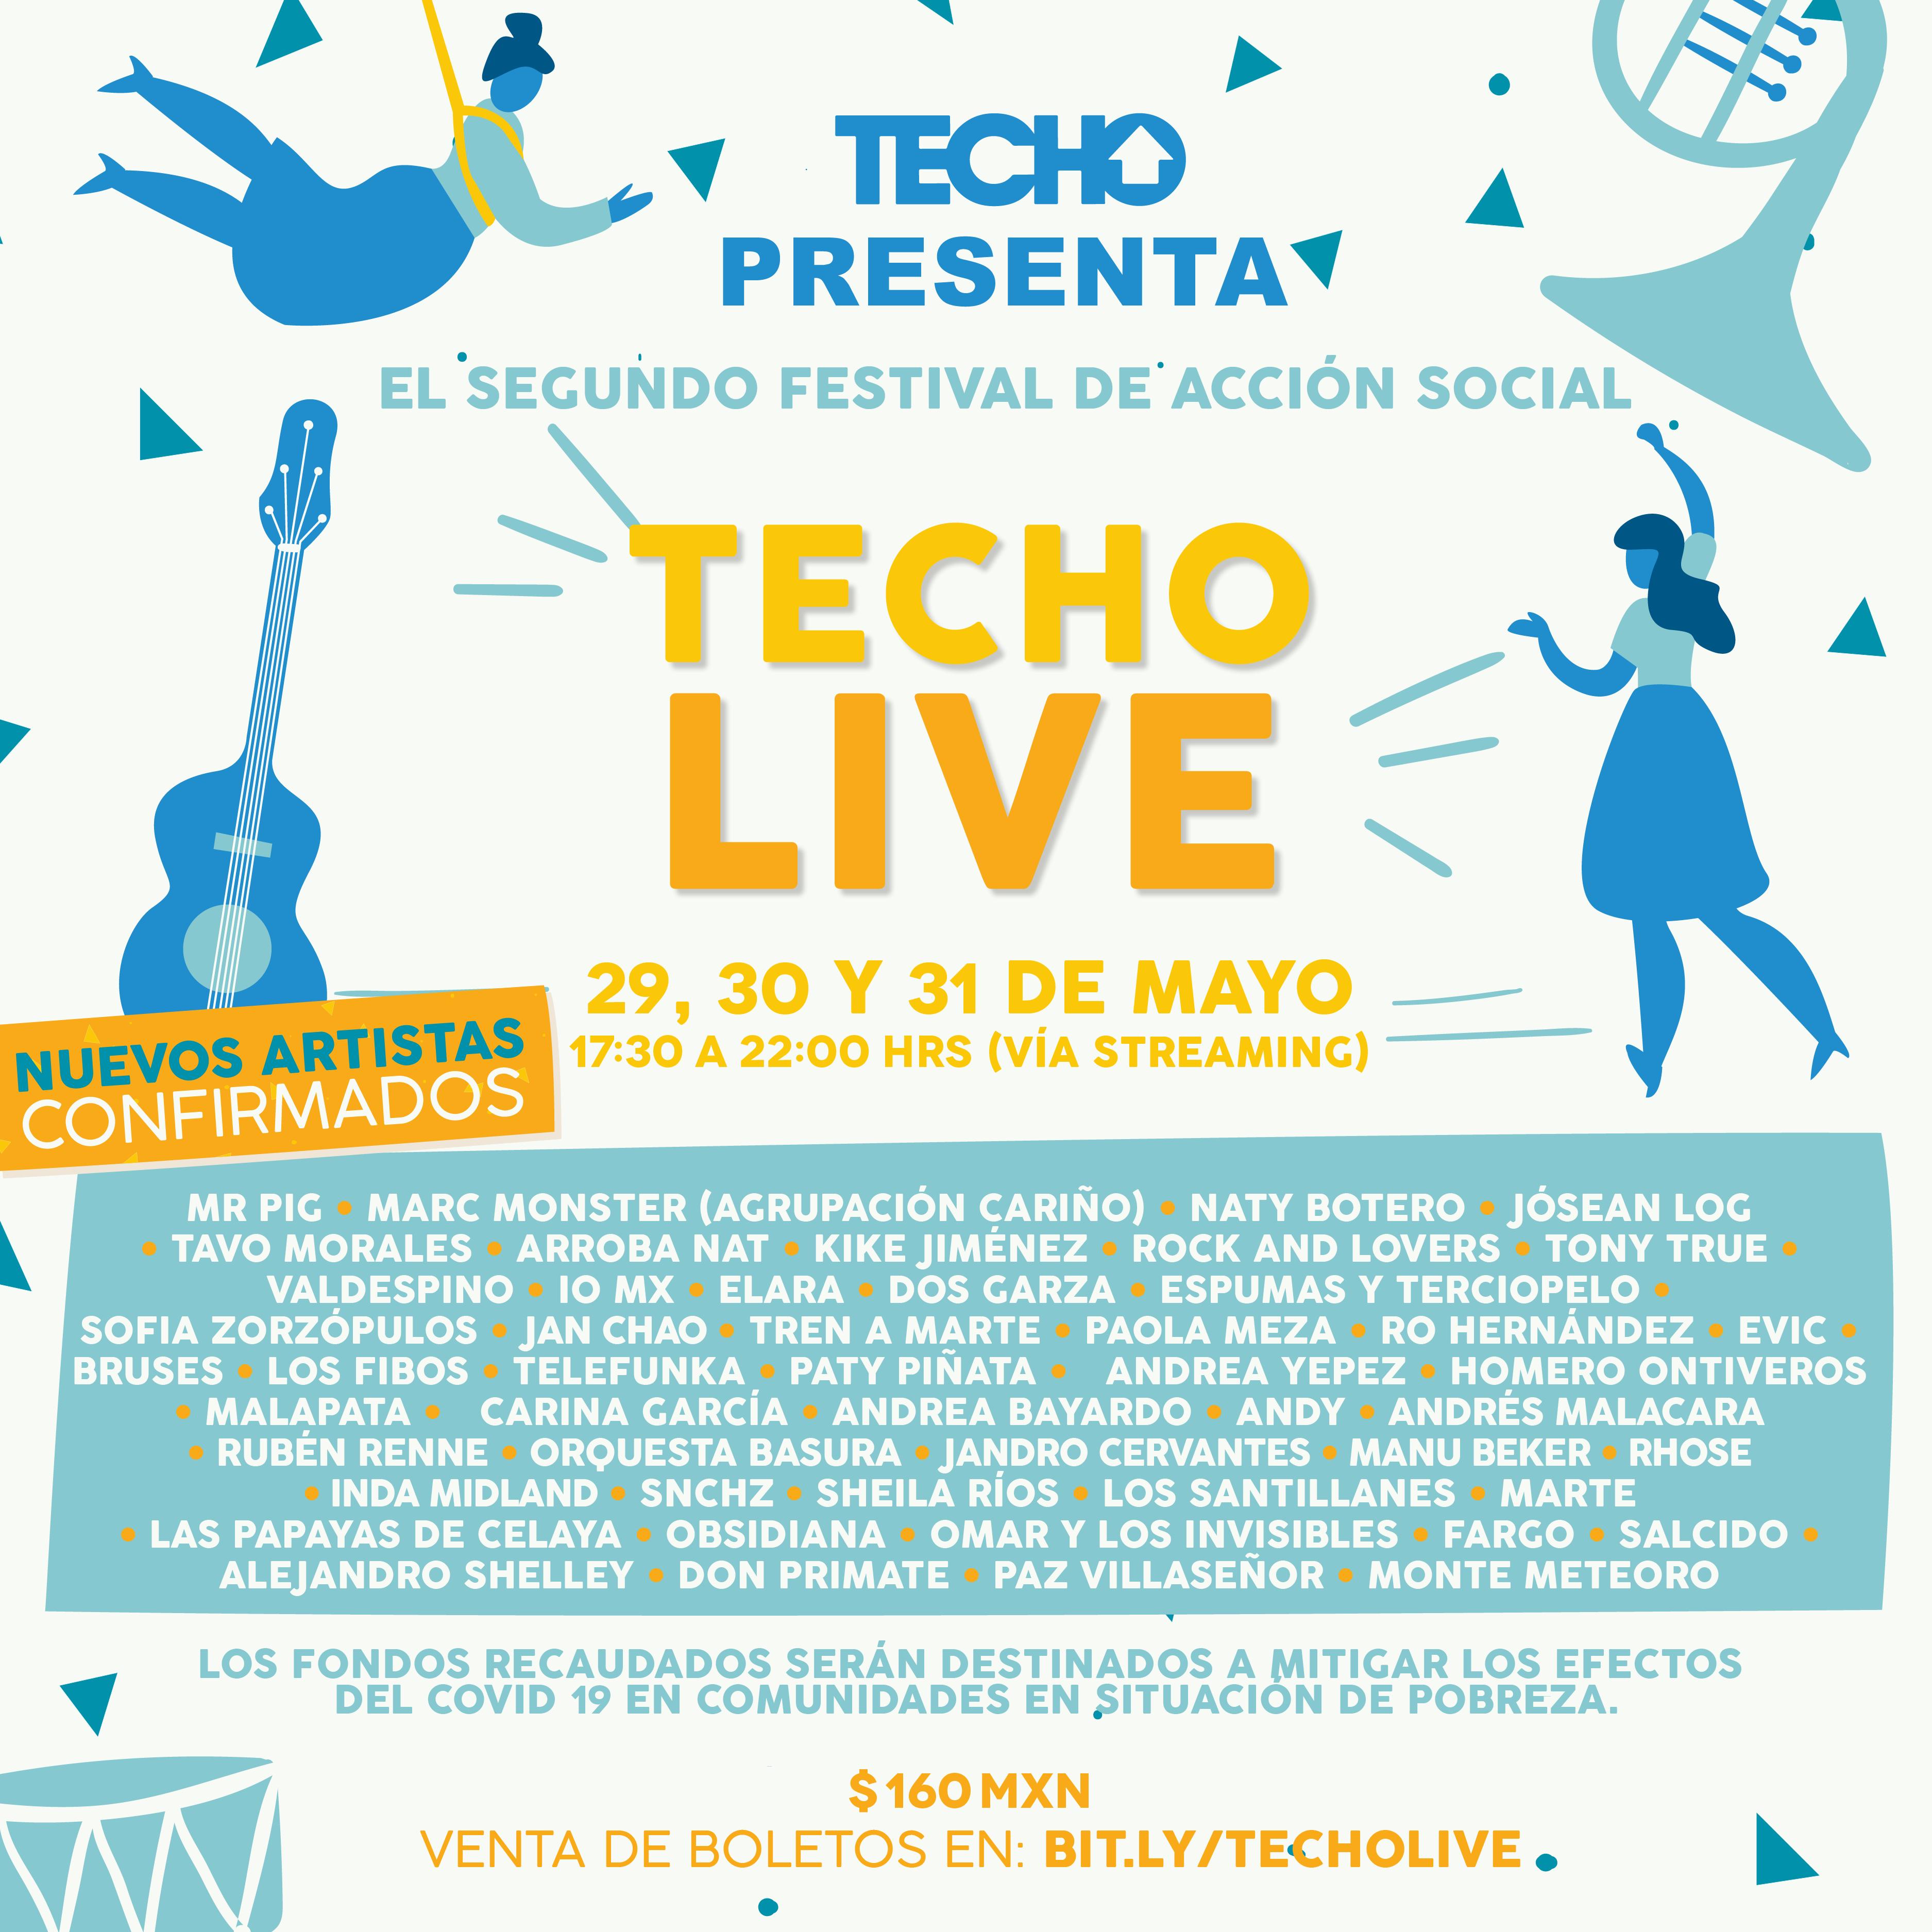 Techo Live: El festival de acción social para mitigar el covid-19 en comunidades en situación de pobreza